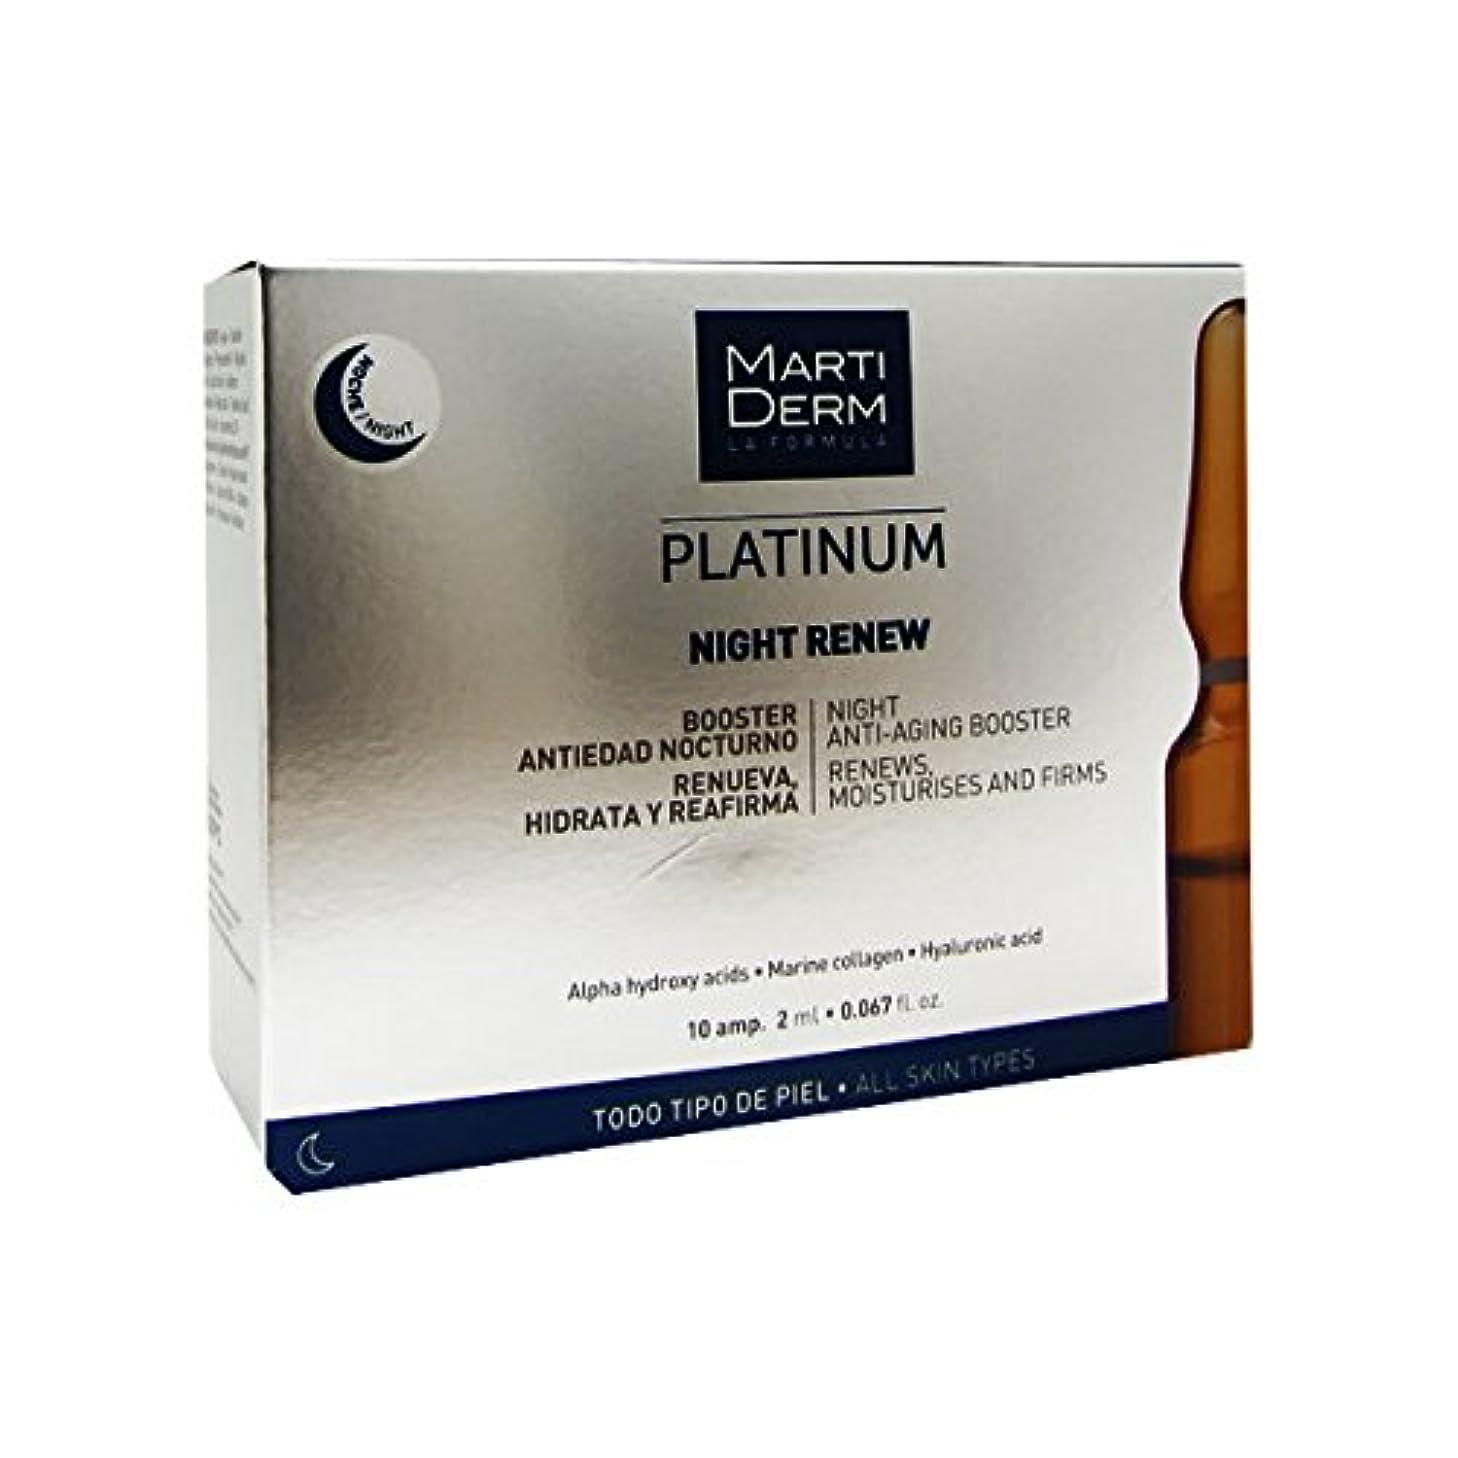 地質学突然スリルMartiderm Platinum Night Renew Ampoules 10ampx2ml [並行輸入品]